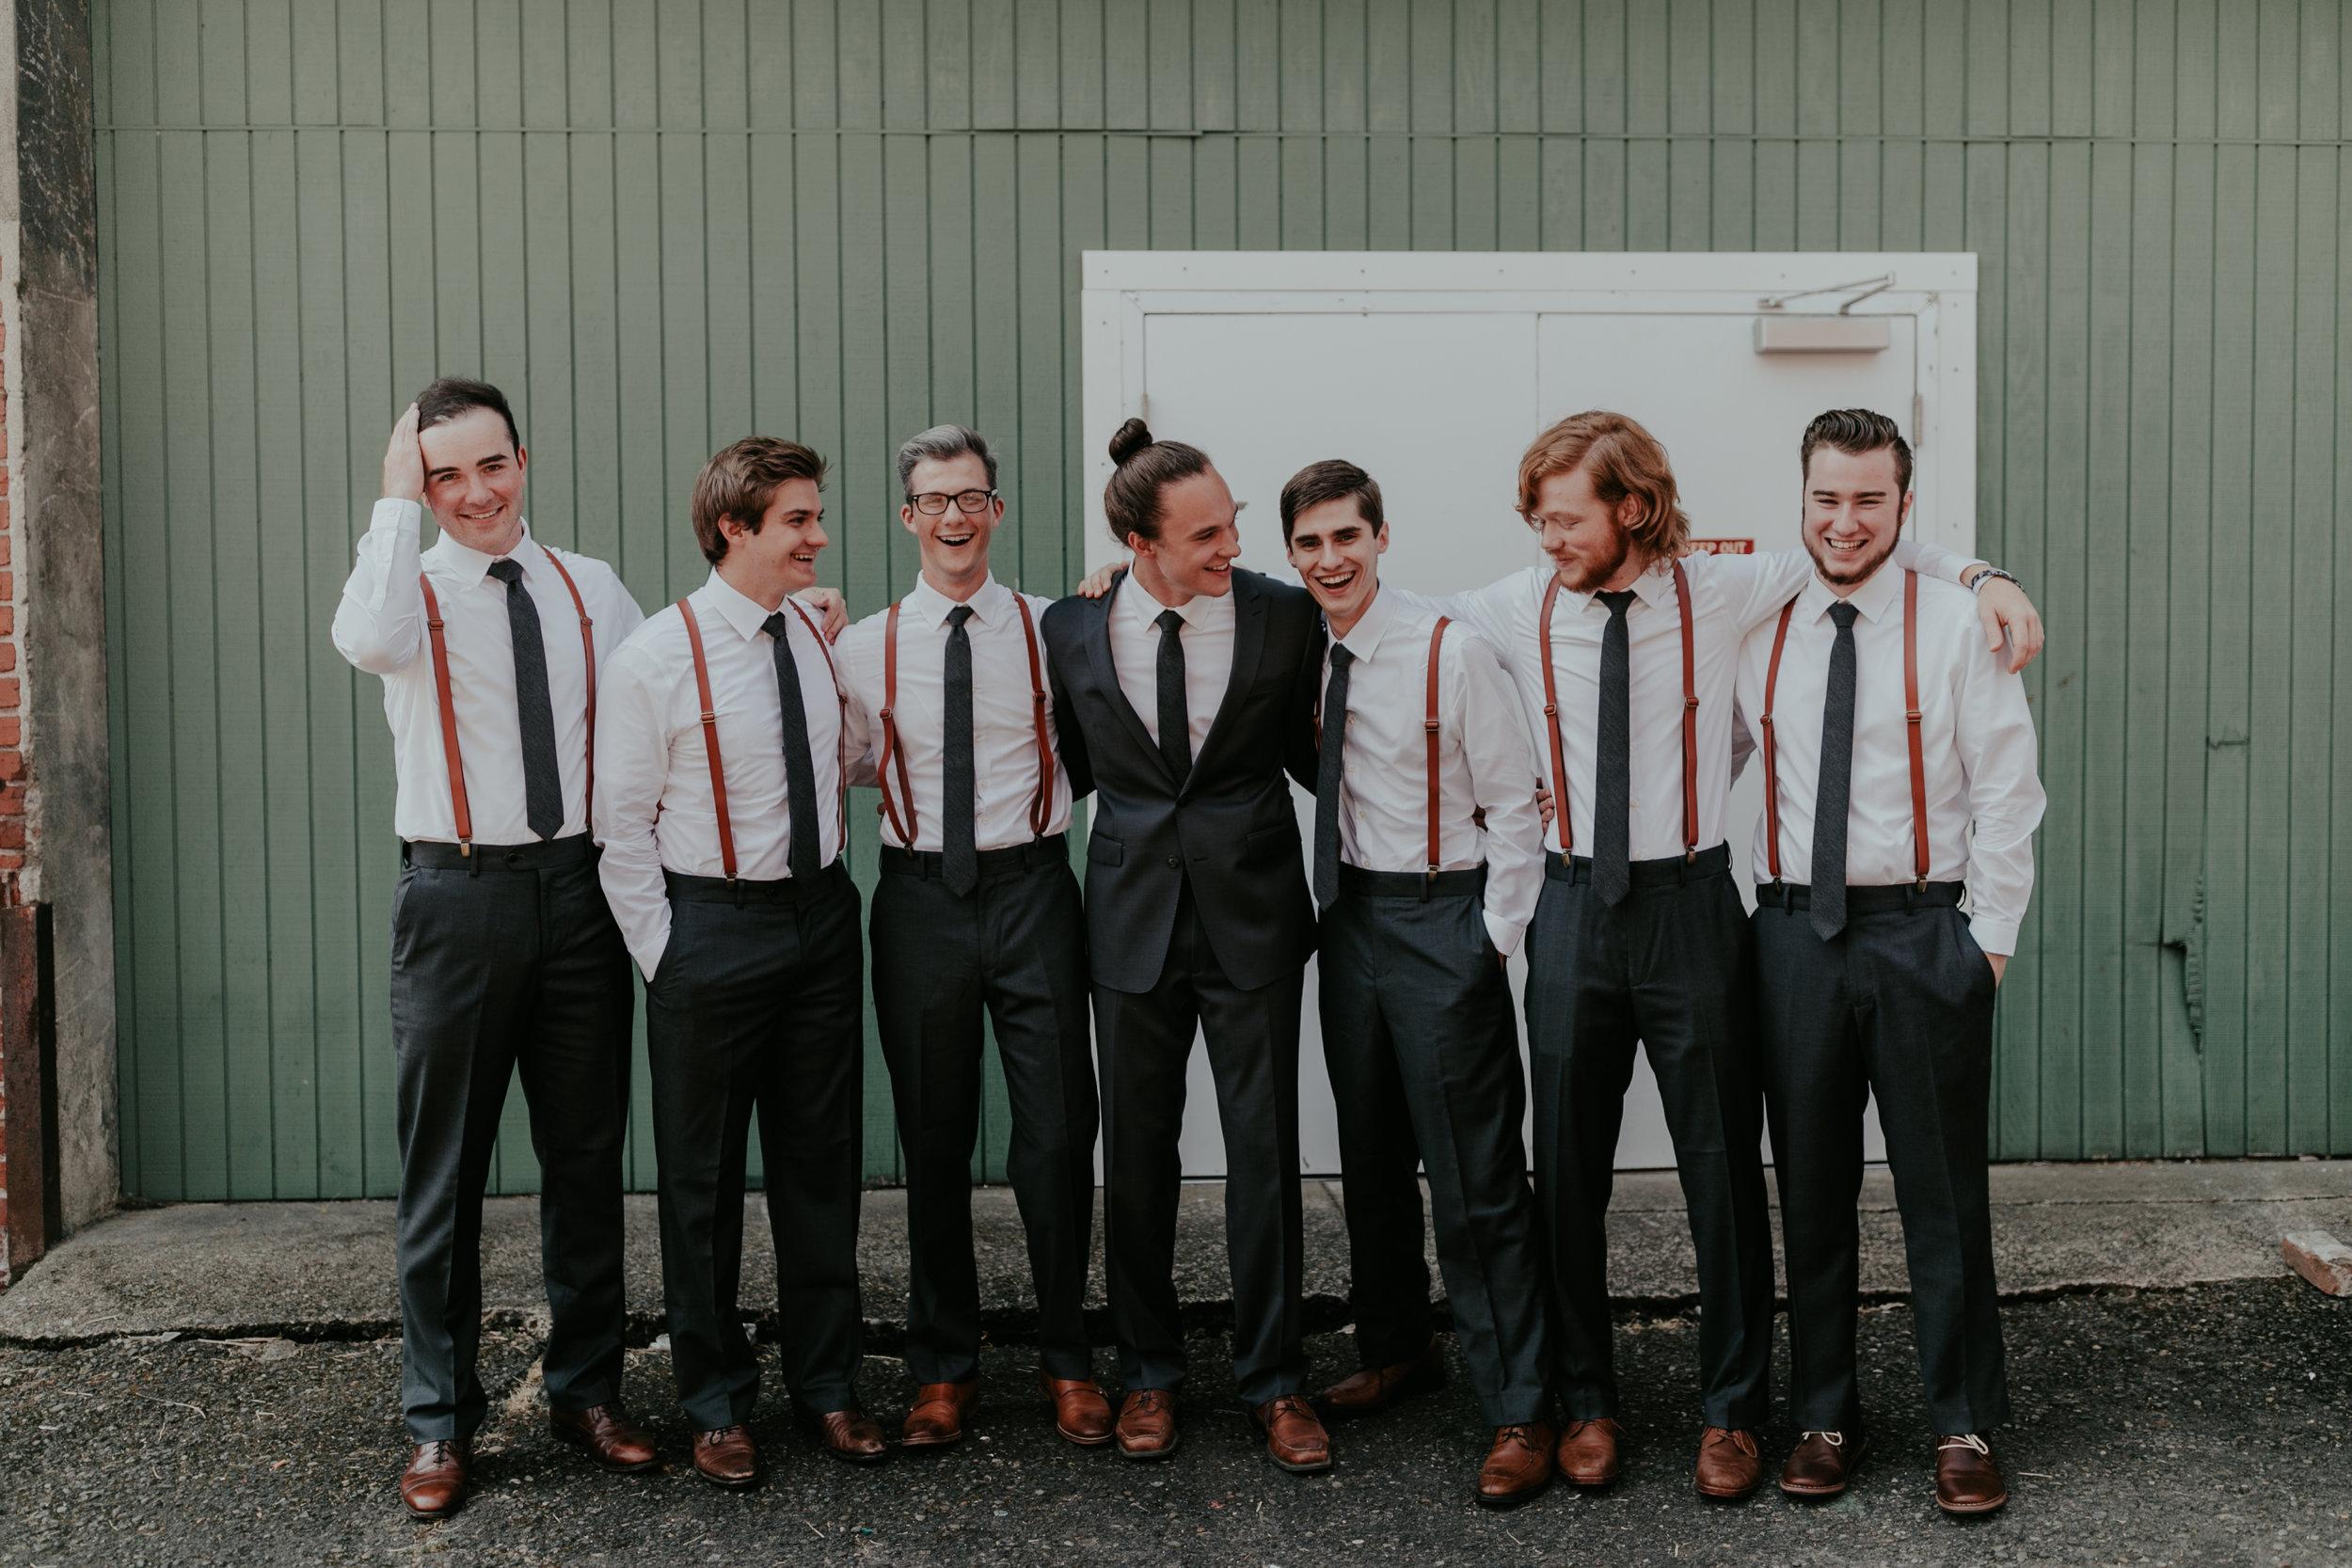 corrie_josiah_wedding-175.jpg